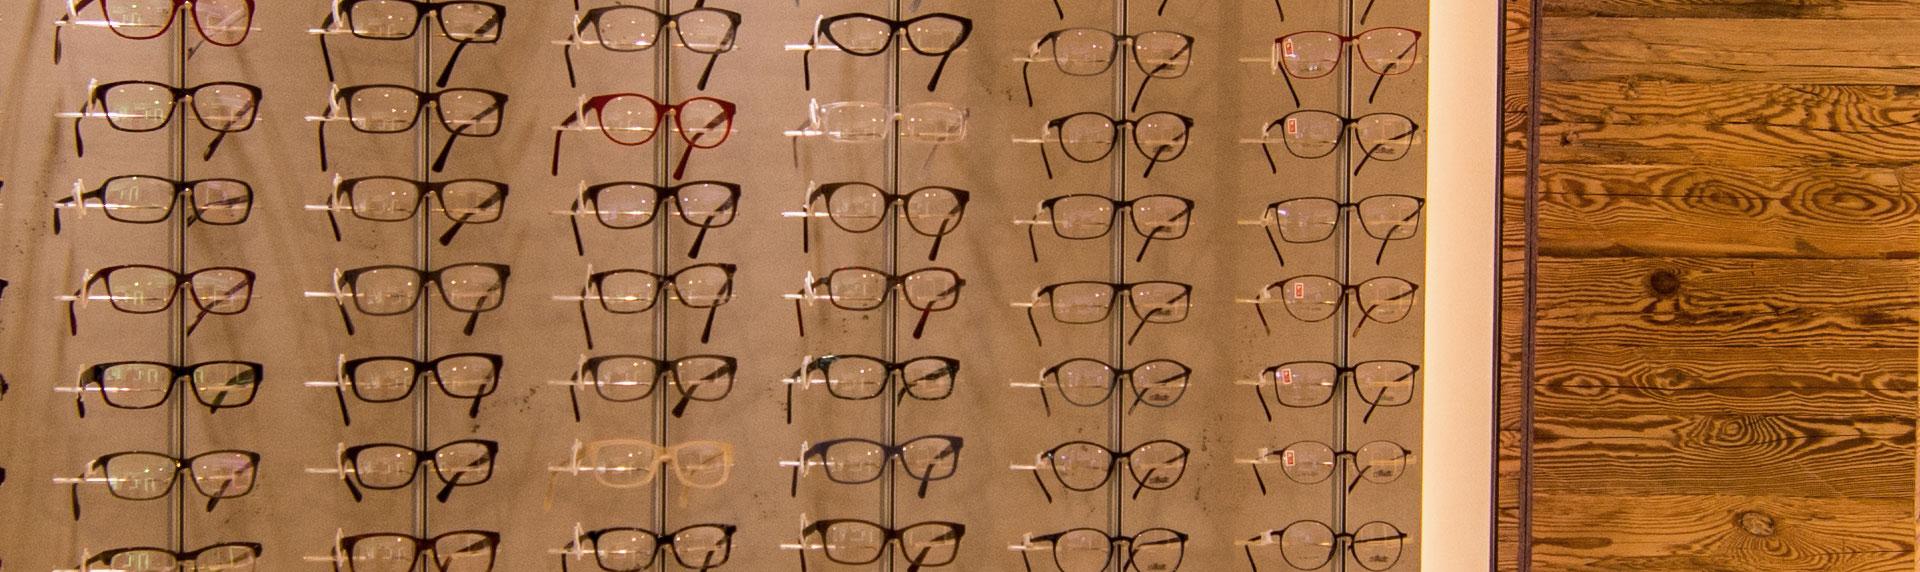 Optik Meirandres - Gauting   Zeiss-Brillengläser - Brillen